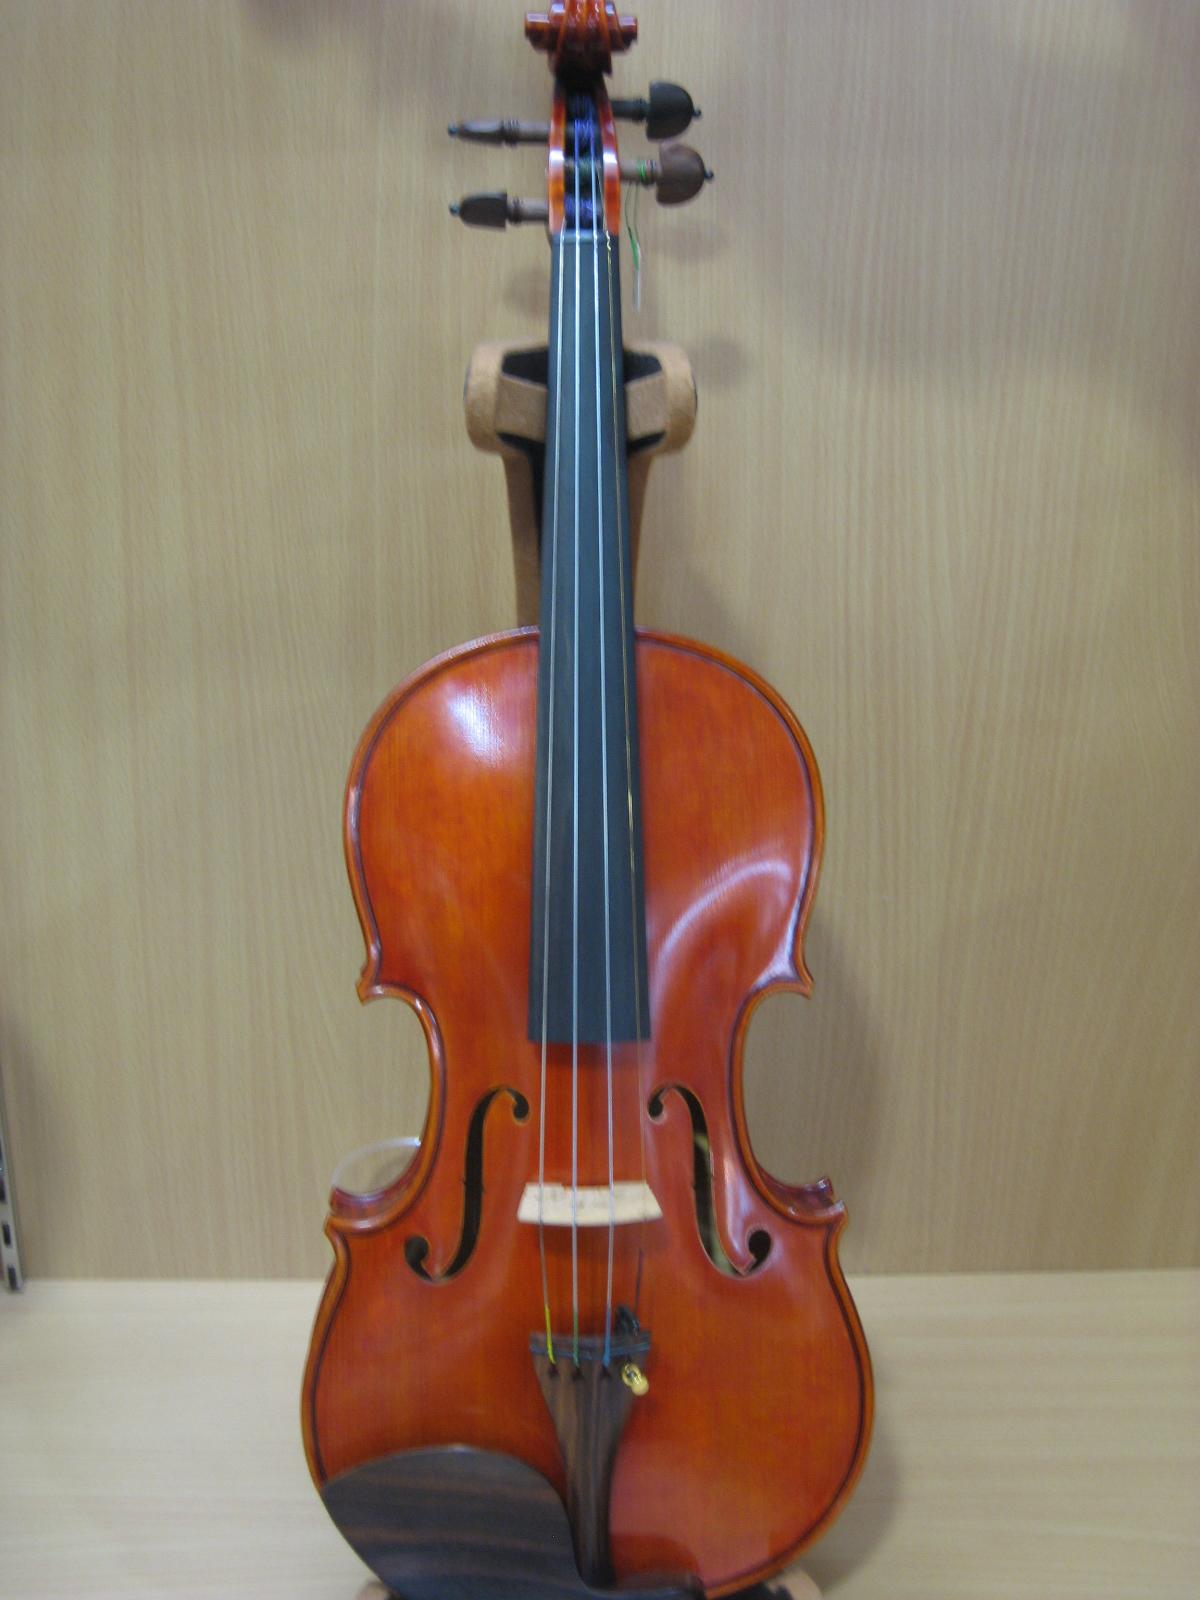 JAN KOBEK バイオリン スロバキア製